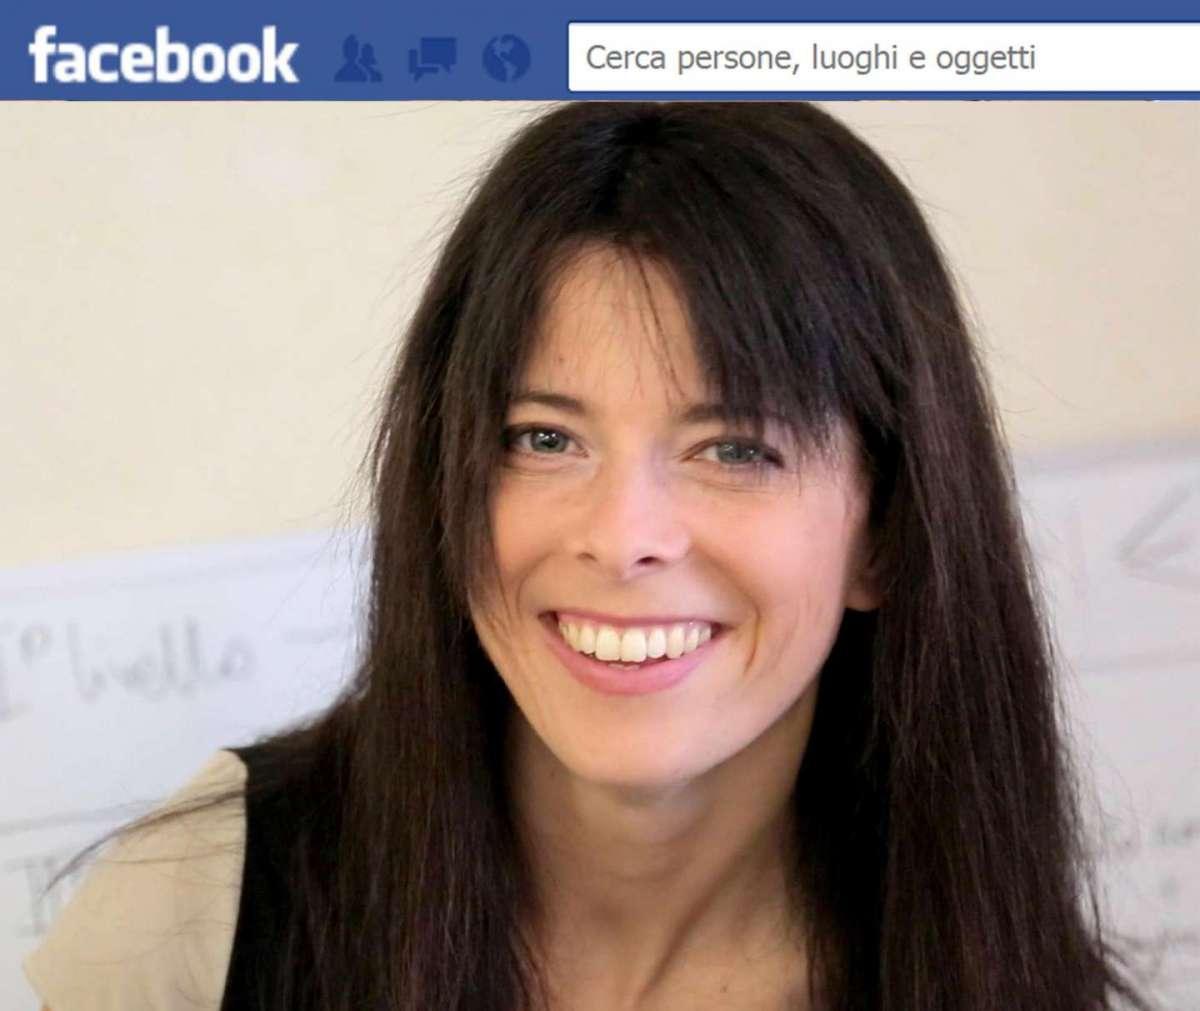 Silvia Virgulti, la donna che aveva conquistato Di Maio